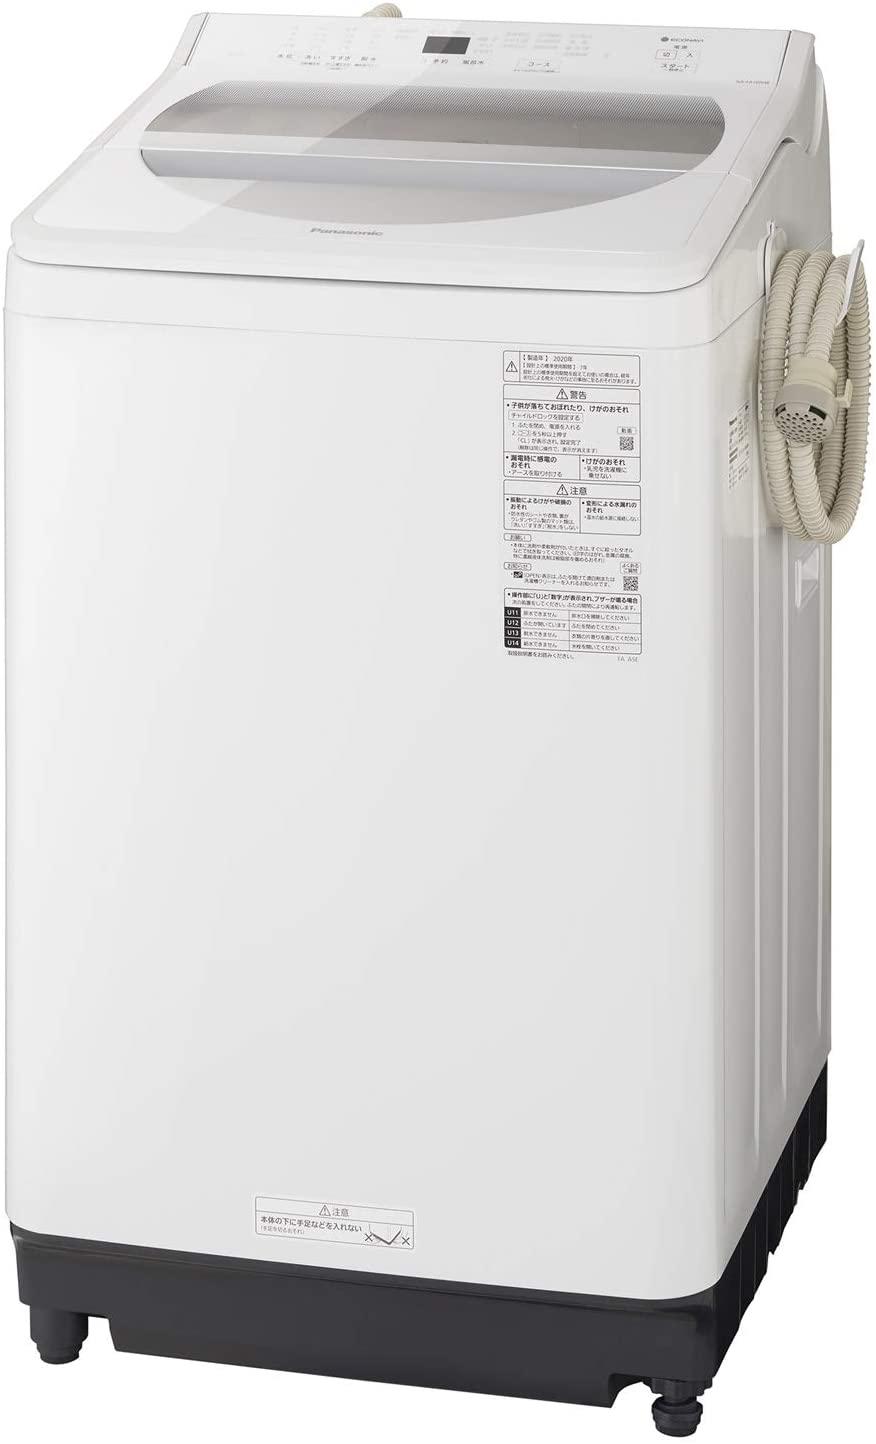 【標準設置工事付】パナソニック 全自動洗濯機 洗濯10kg 泡洗浄 ホワイト NA-FA100H8-W